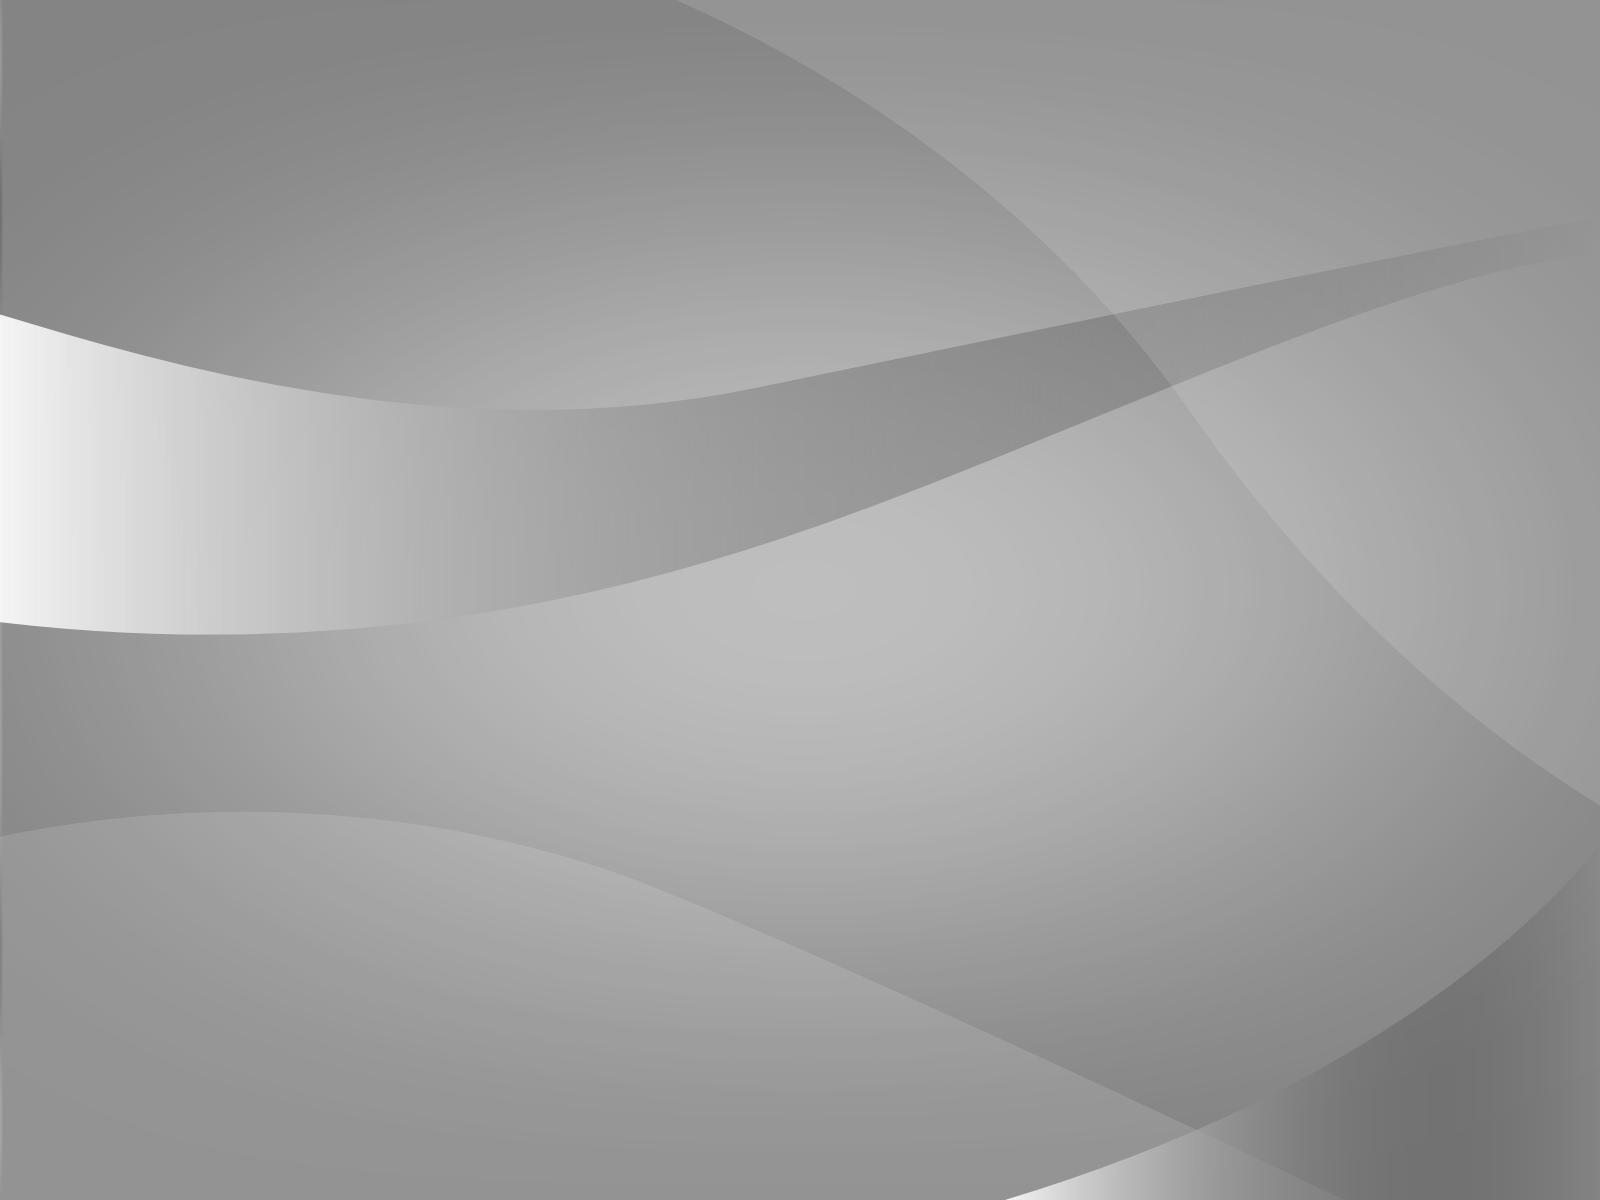 iPad] iPad Wallpaper   Page 24   MacRumors Forums 1600x1200